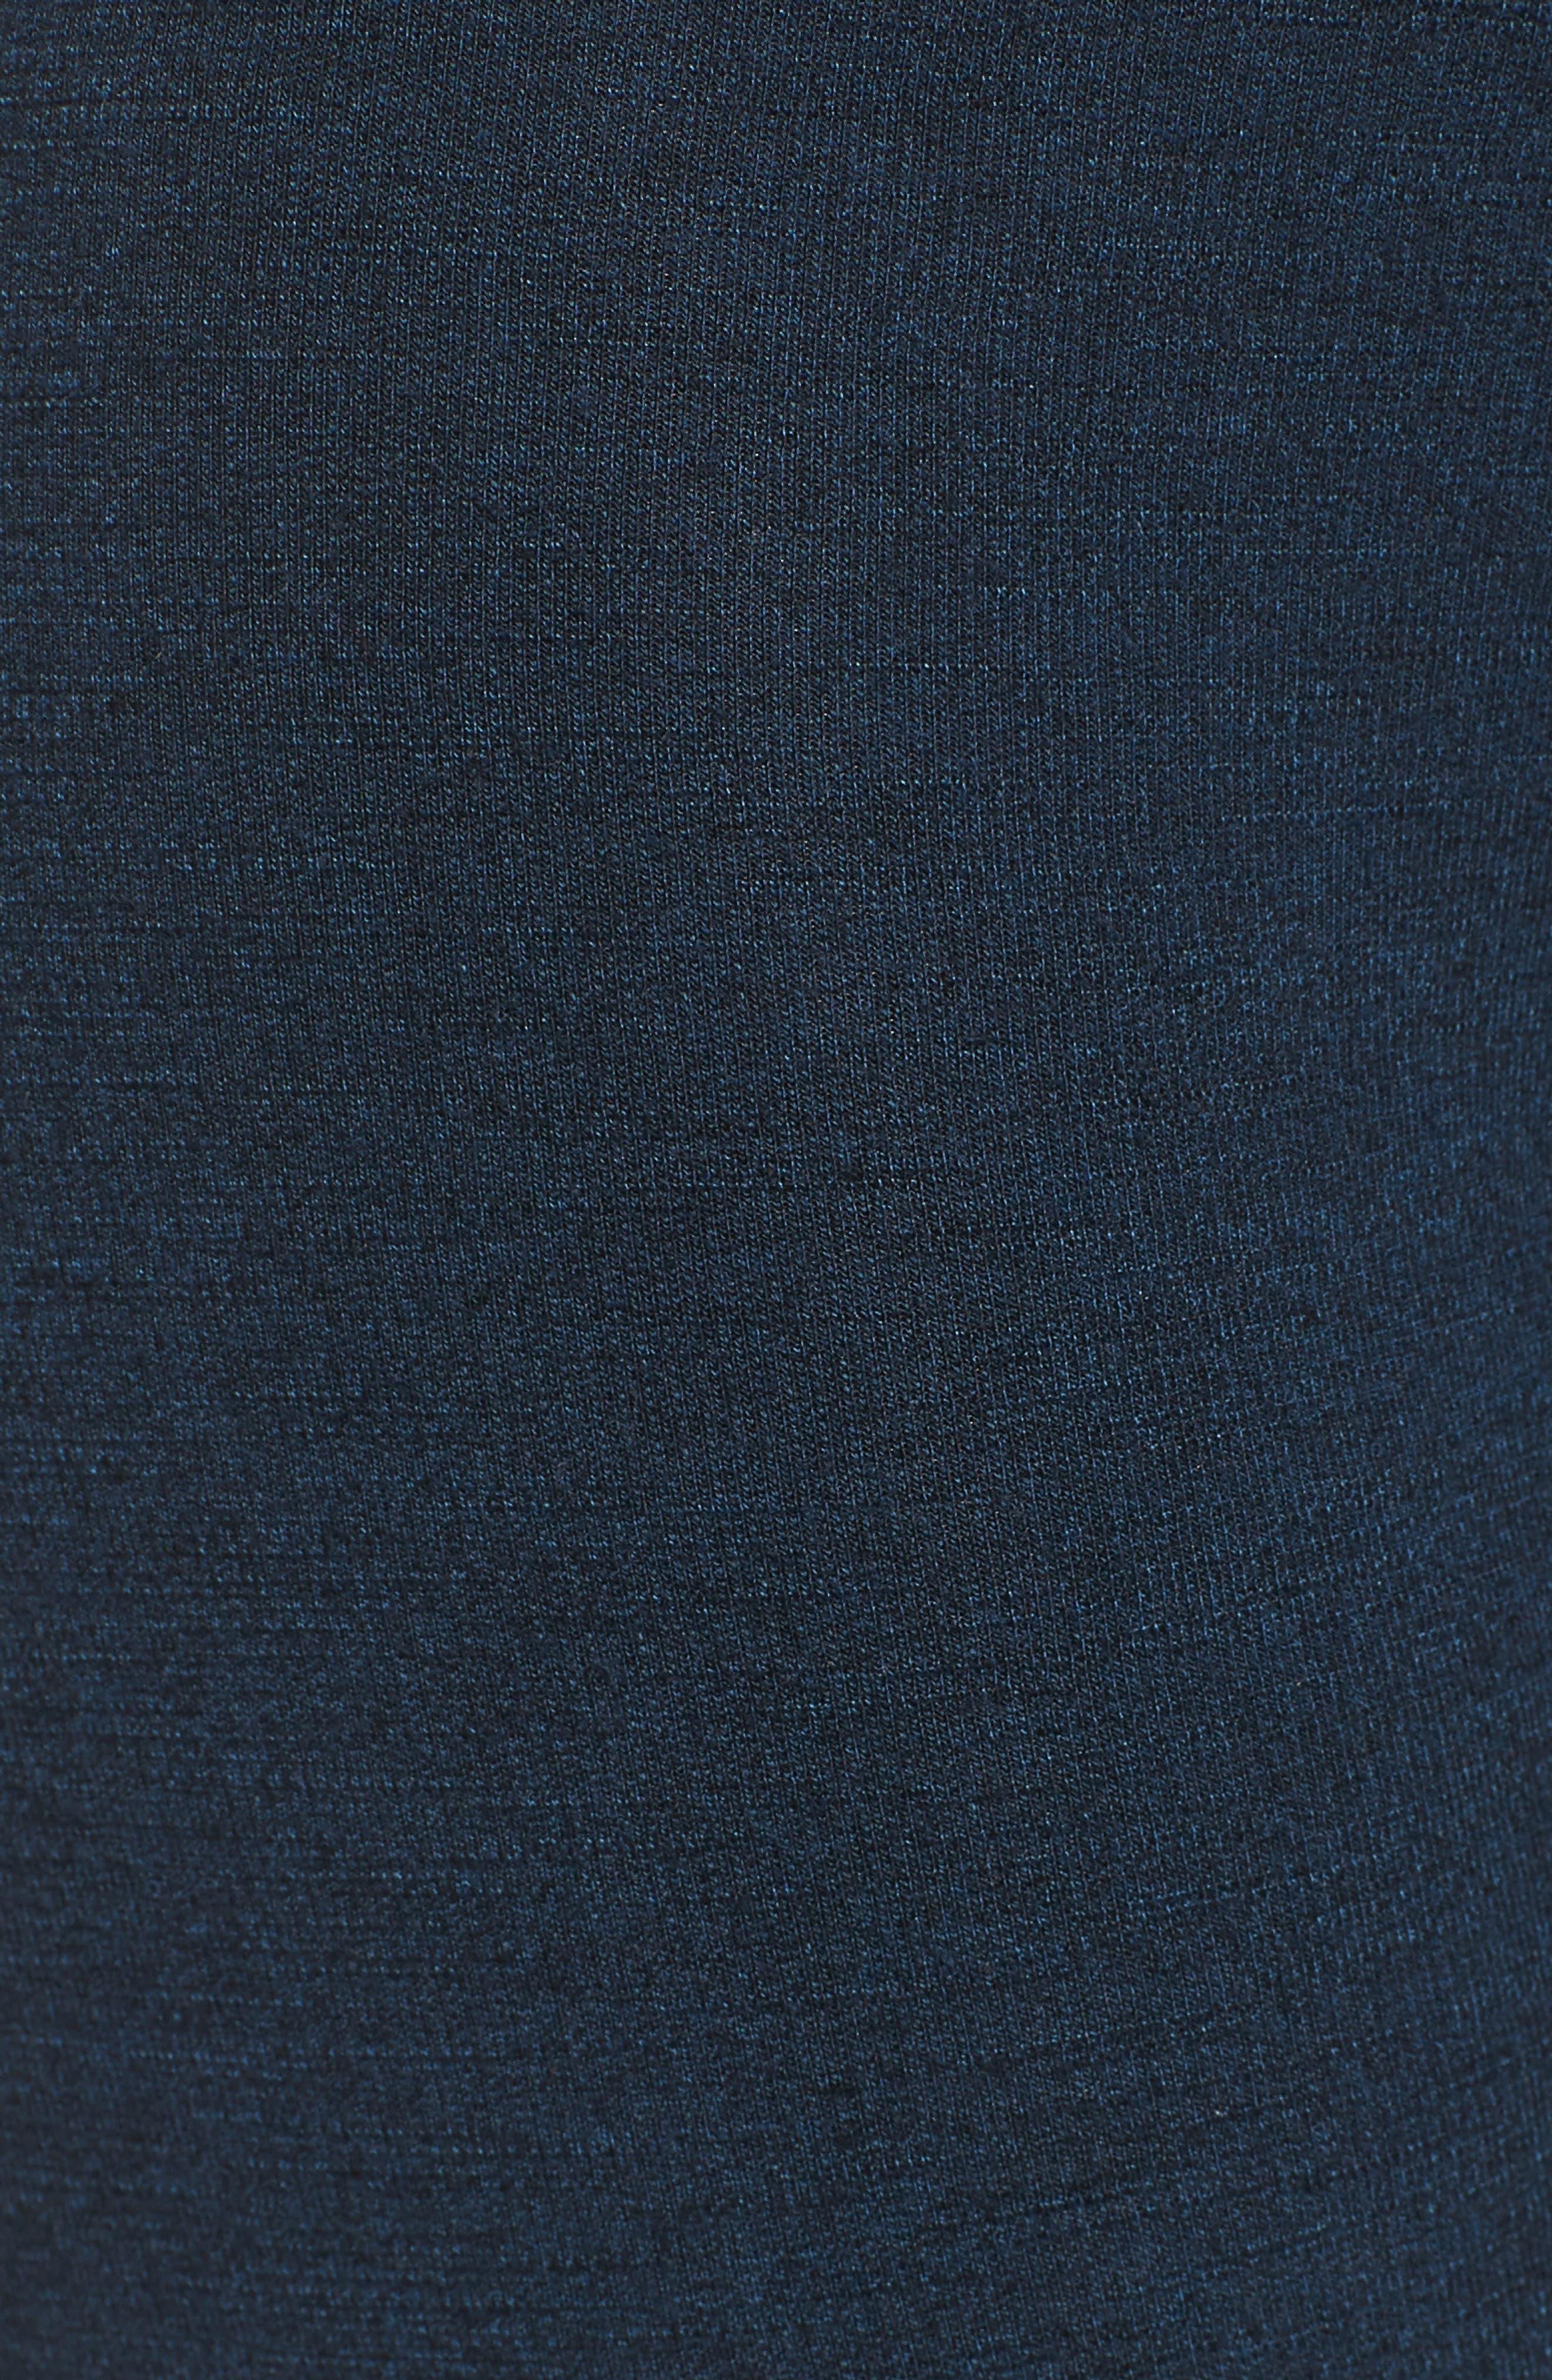 Stripe Yoga Pants,                             Alternate thumbnail 6, color,                             Storm